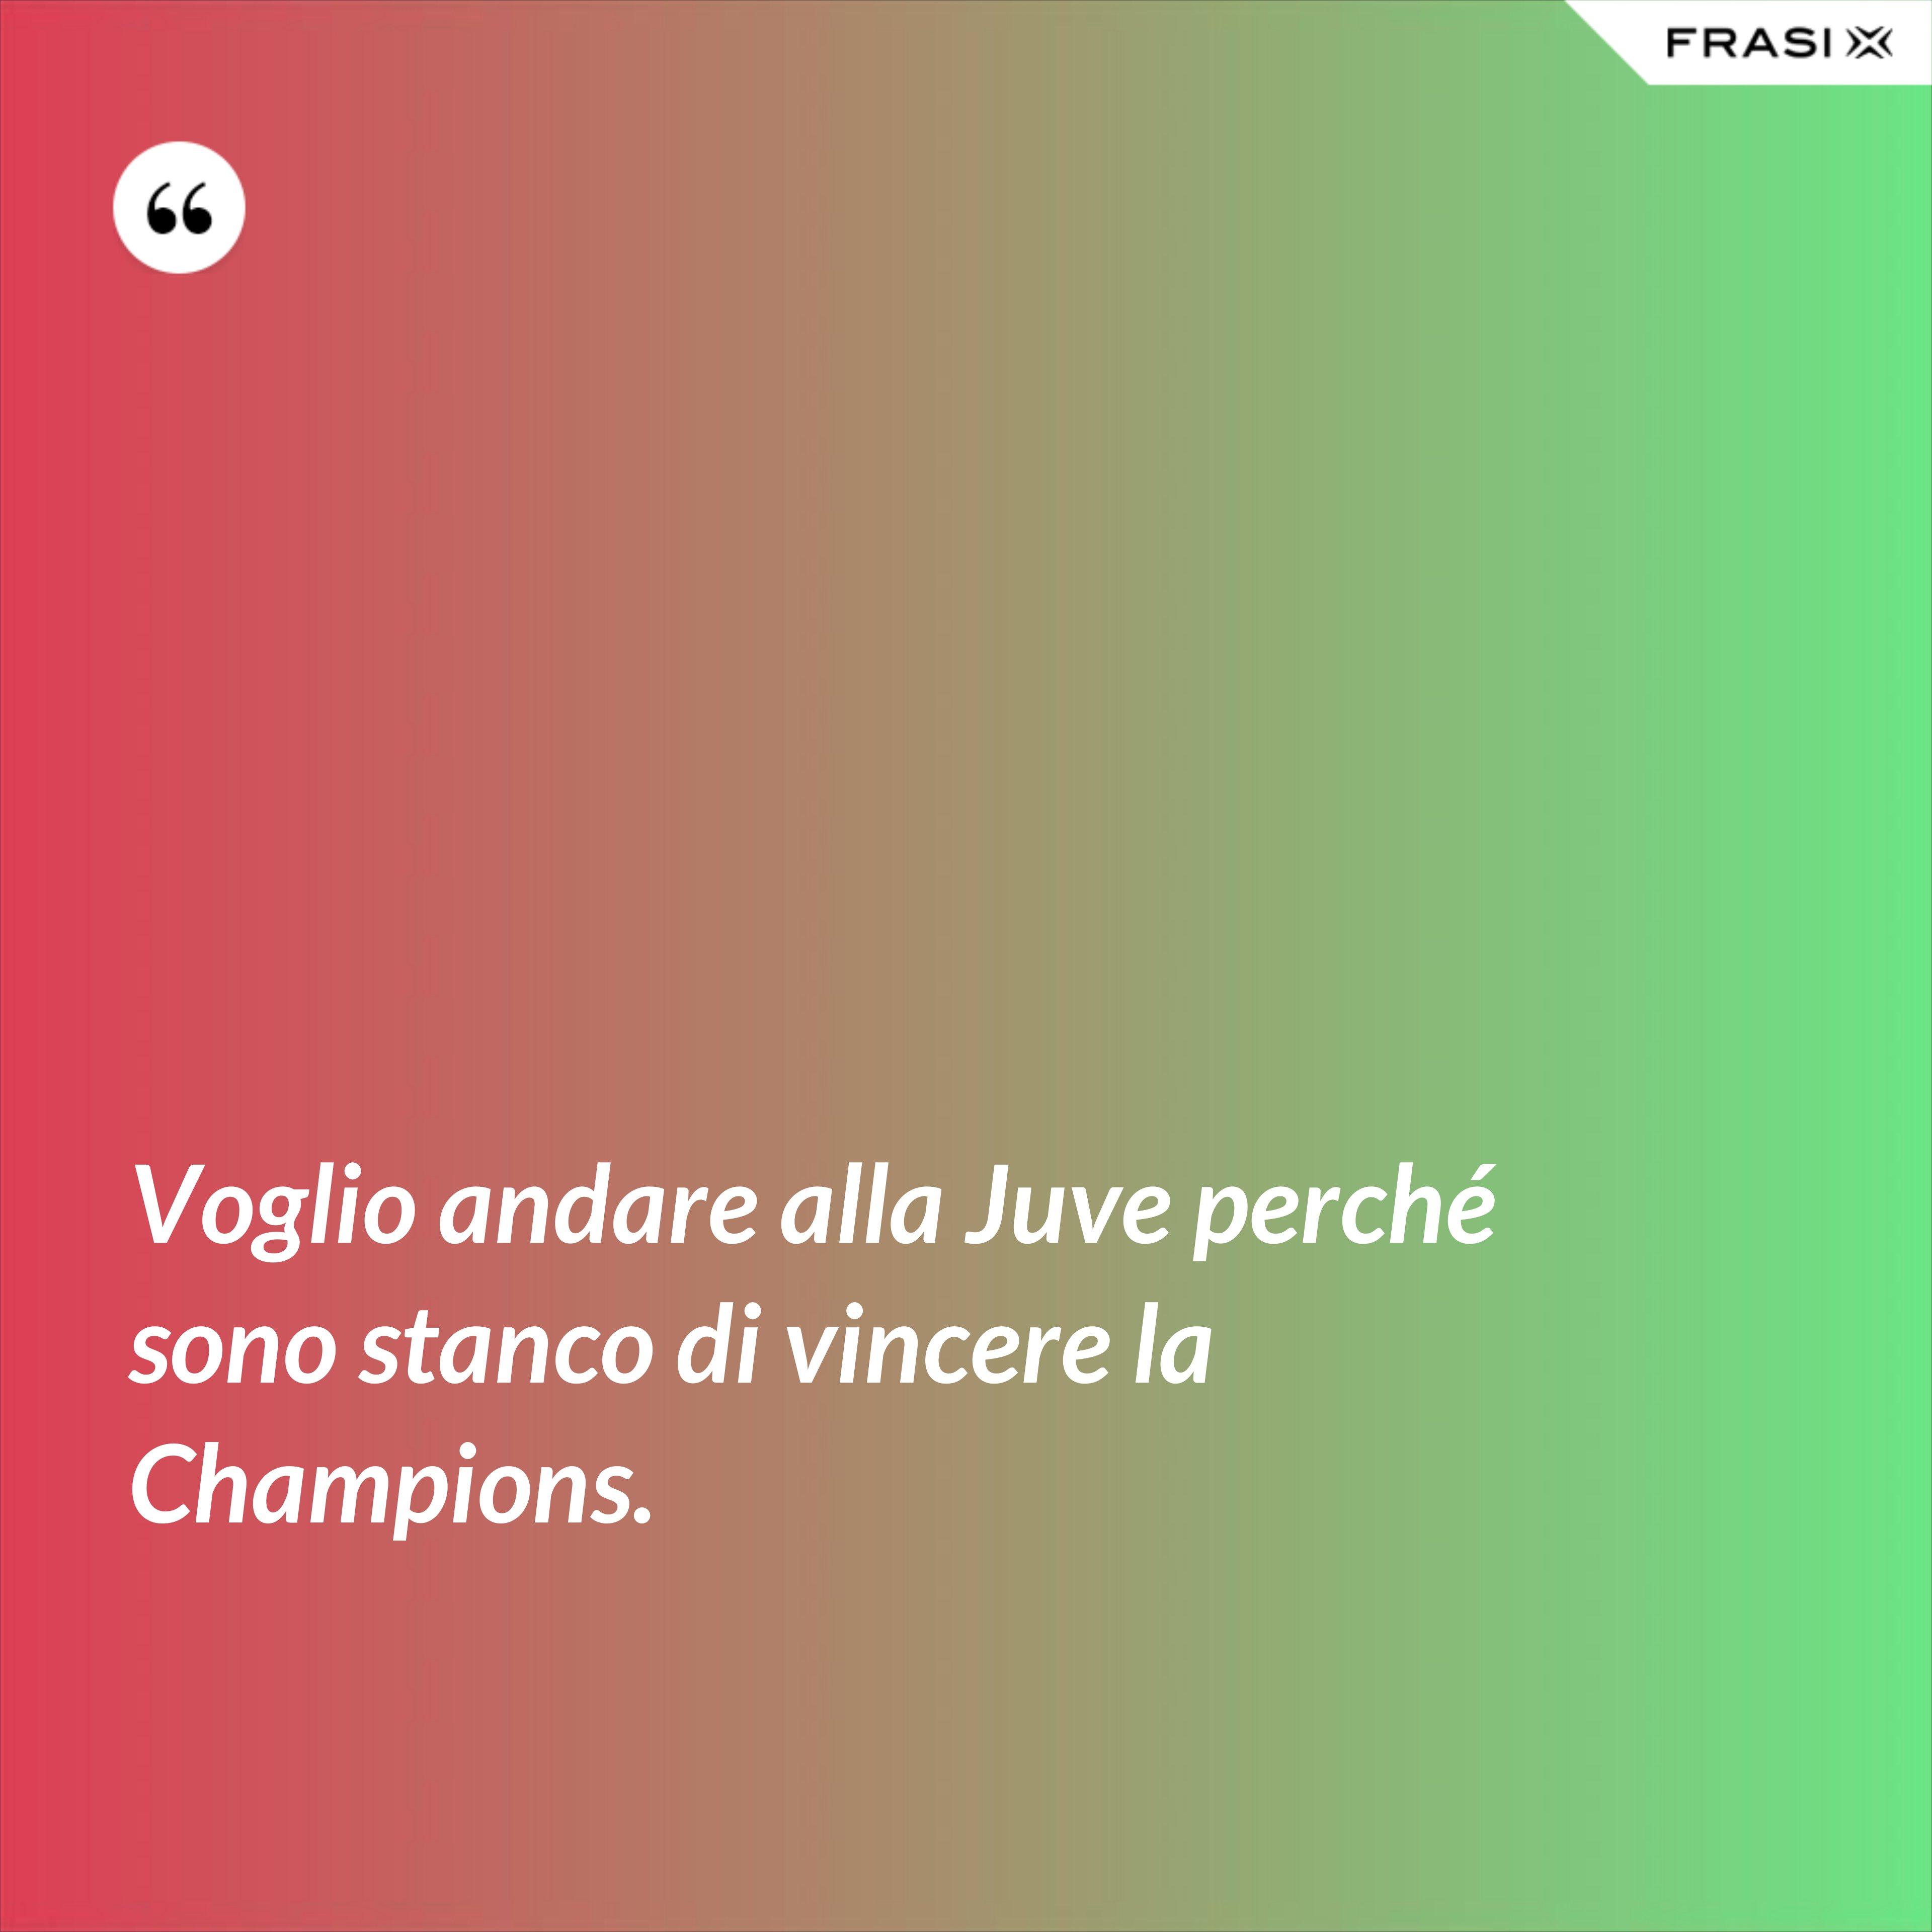 Voglio andare alla Juve perché sono stanco di vincere la Champions. - Anonimo